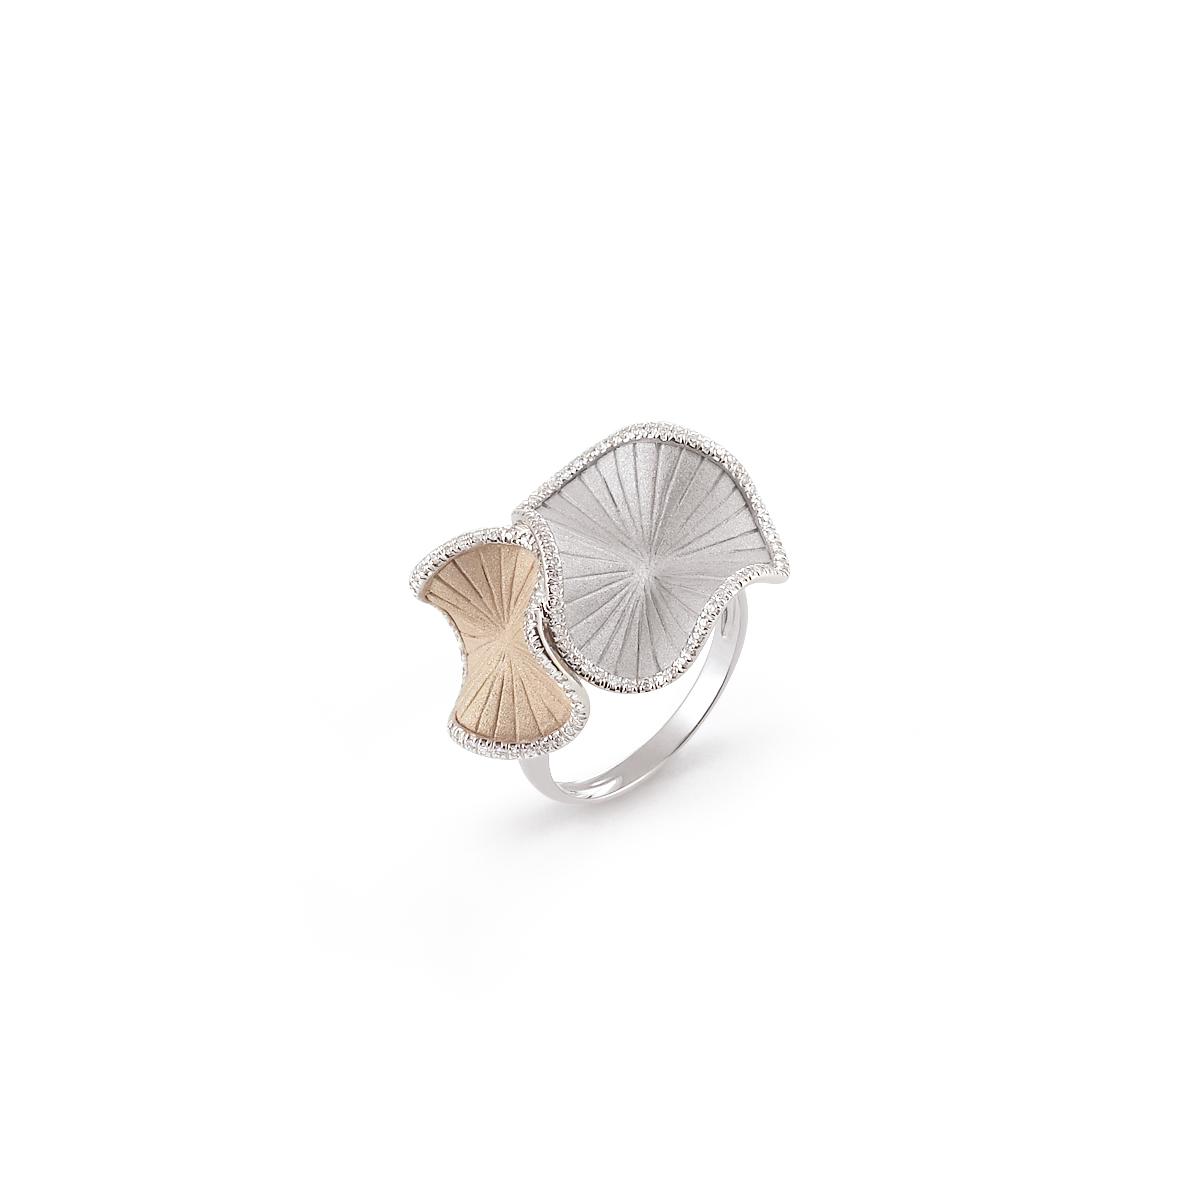 Annamaria Cammilli Sultana Ring aus 18 Karat Natural Beige und White Ice Gold mit Brillanten